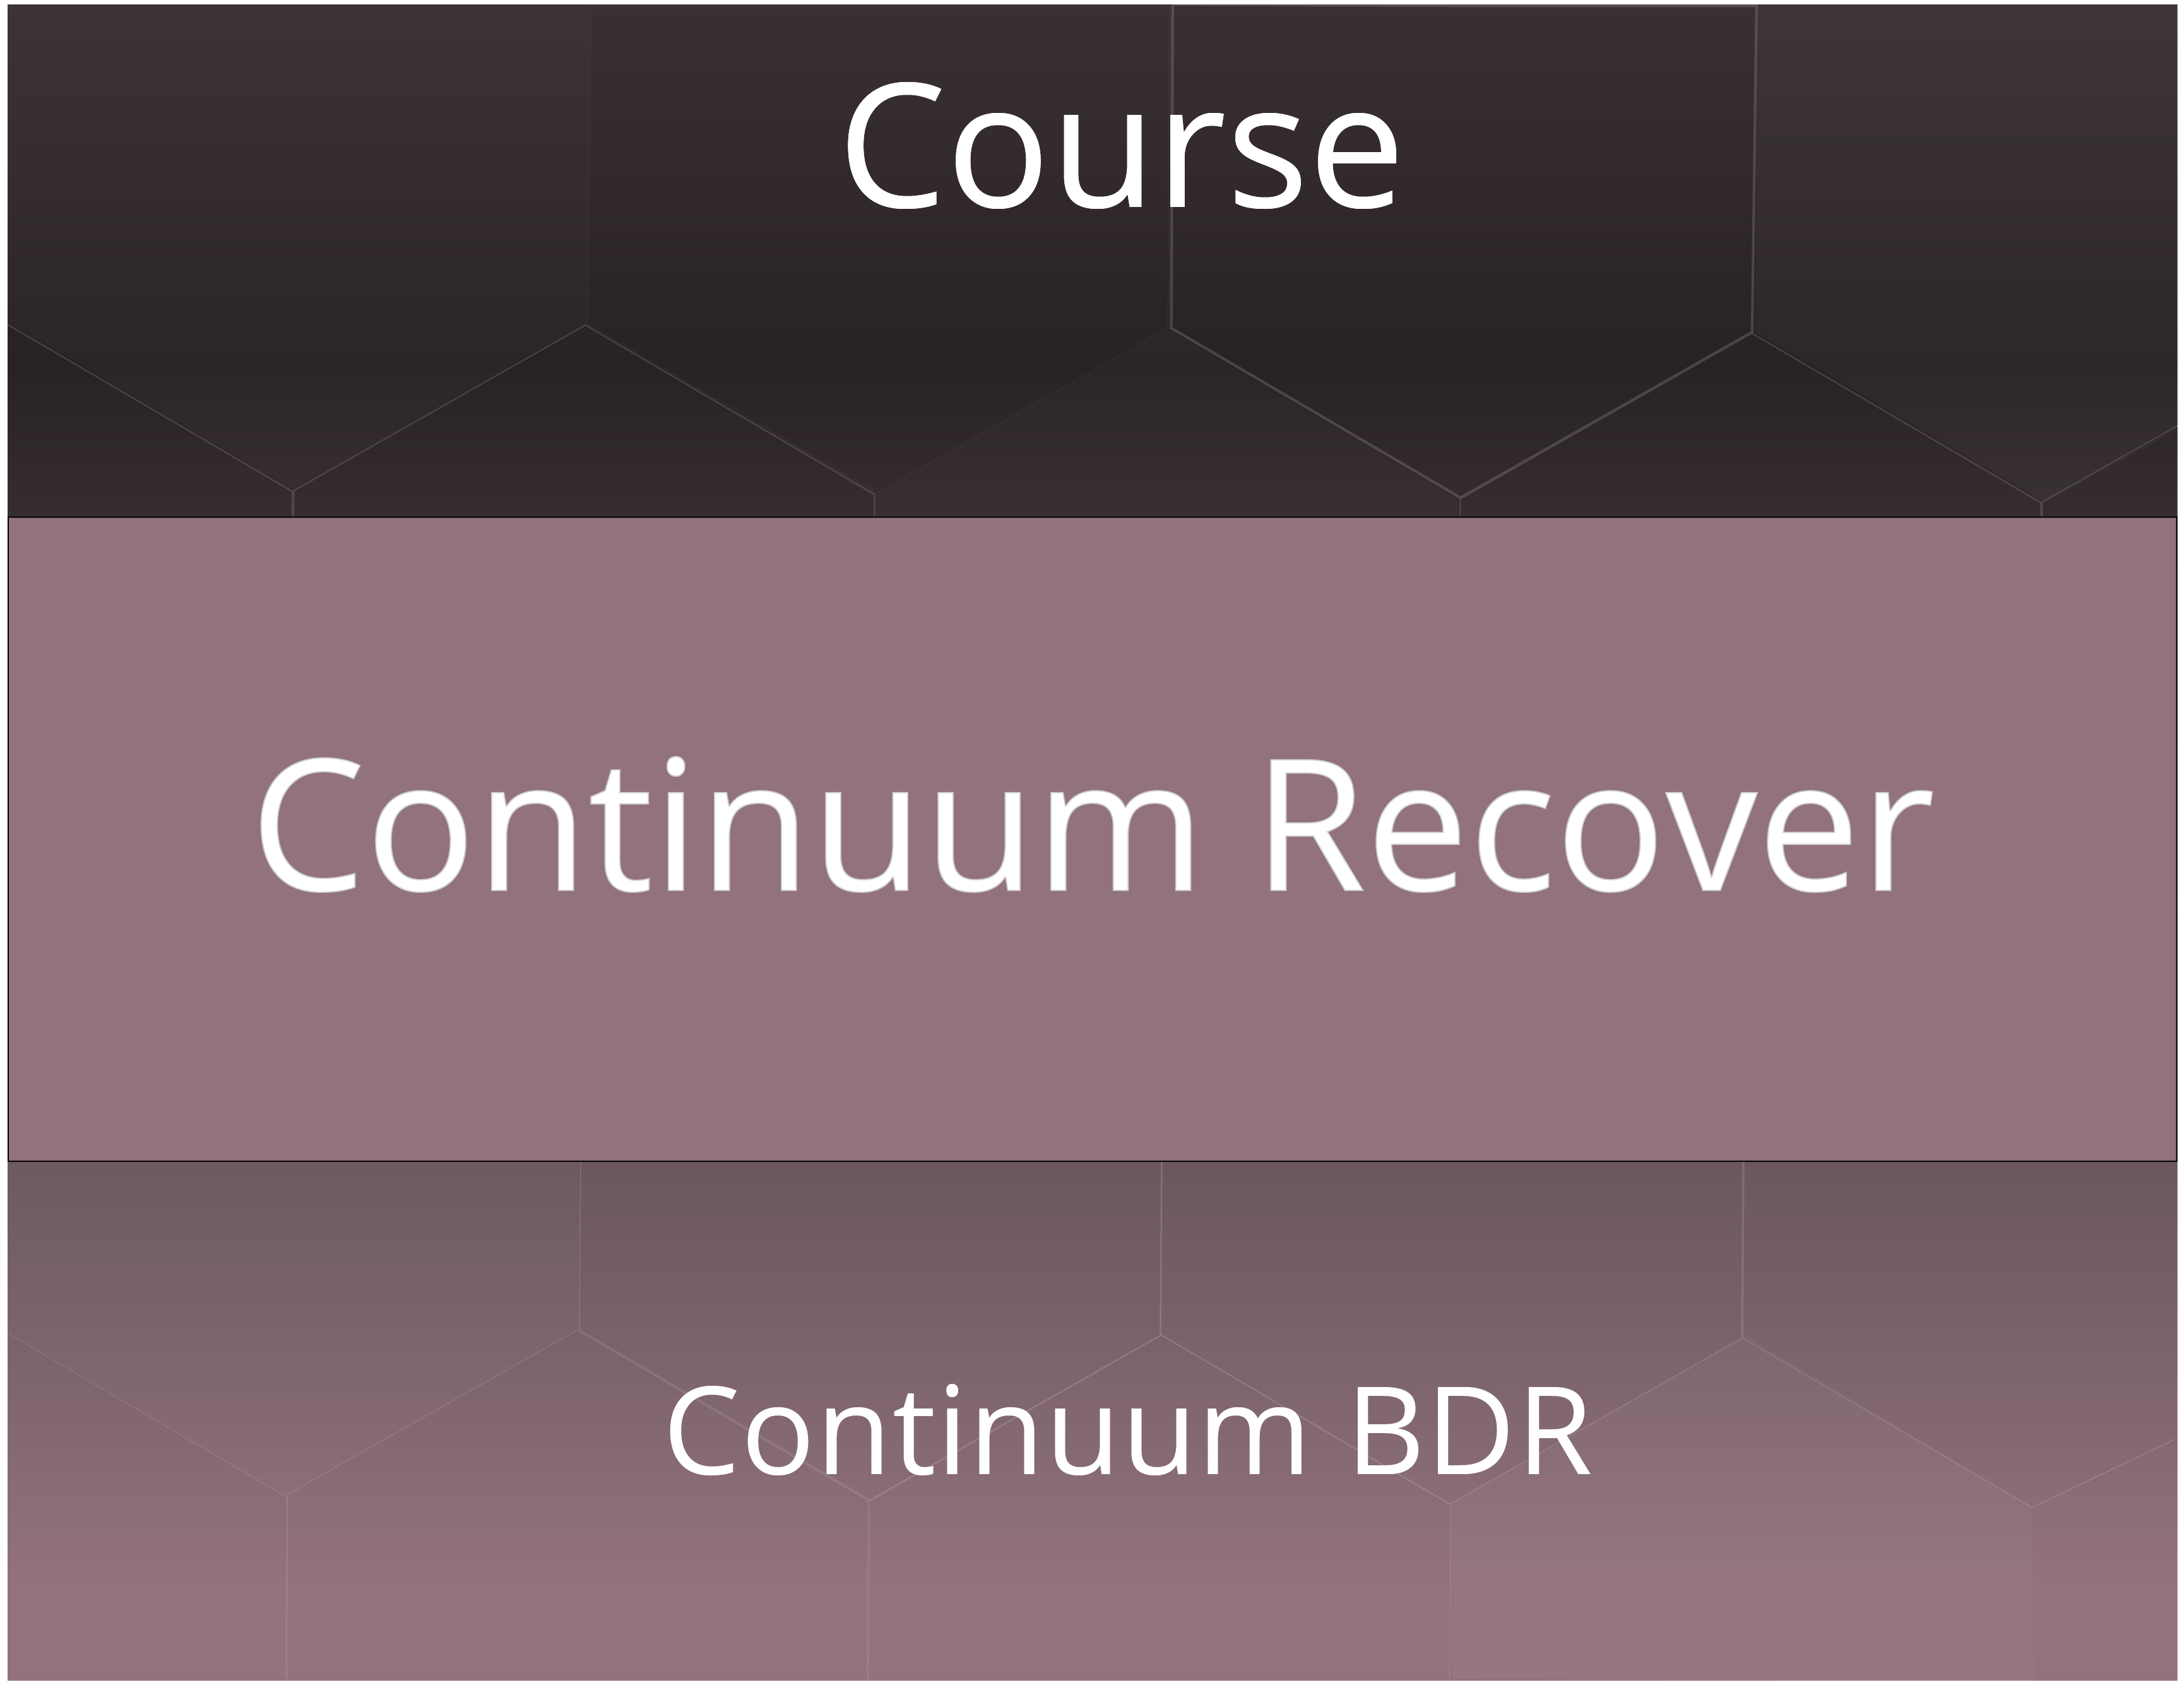 Continuum Recover